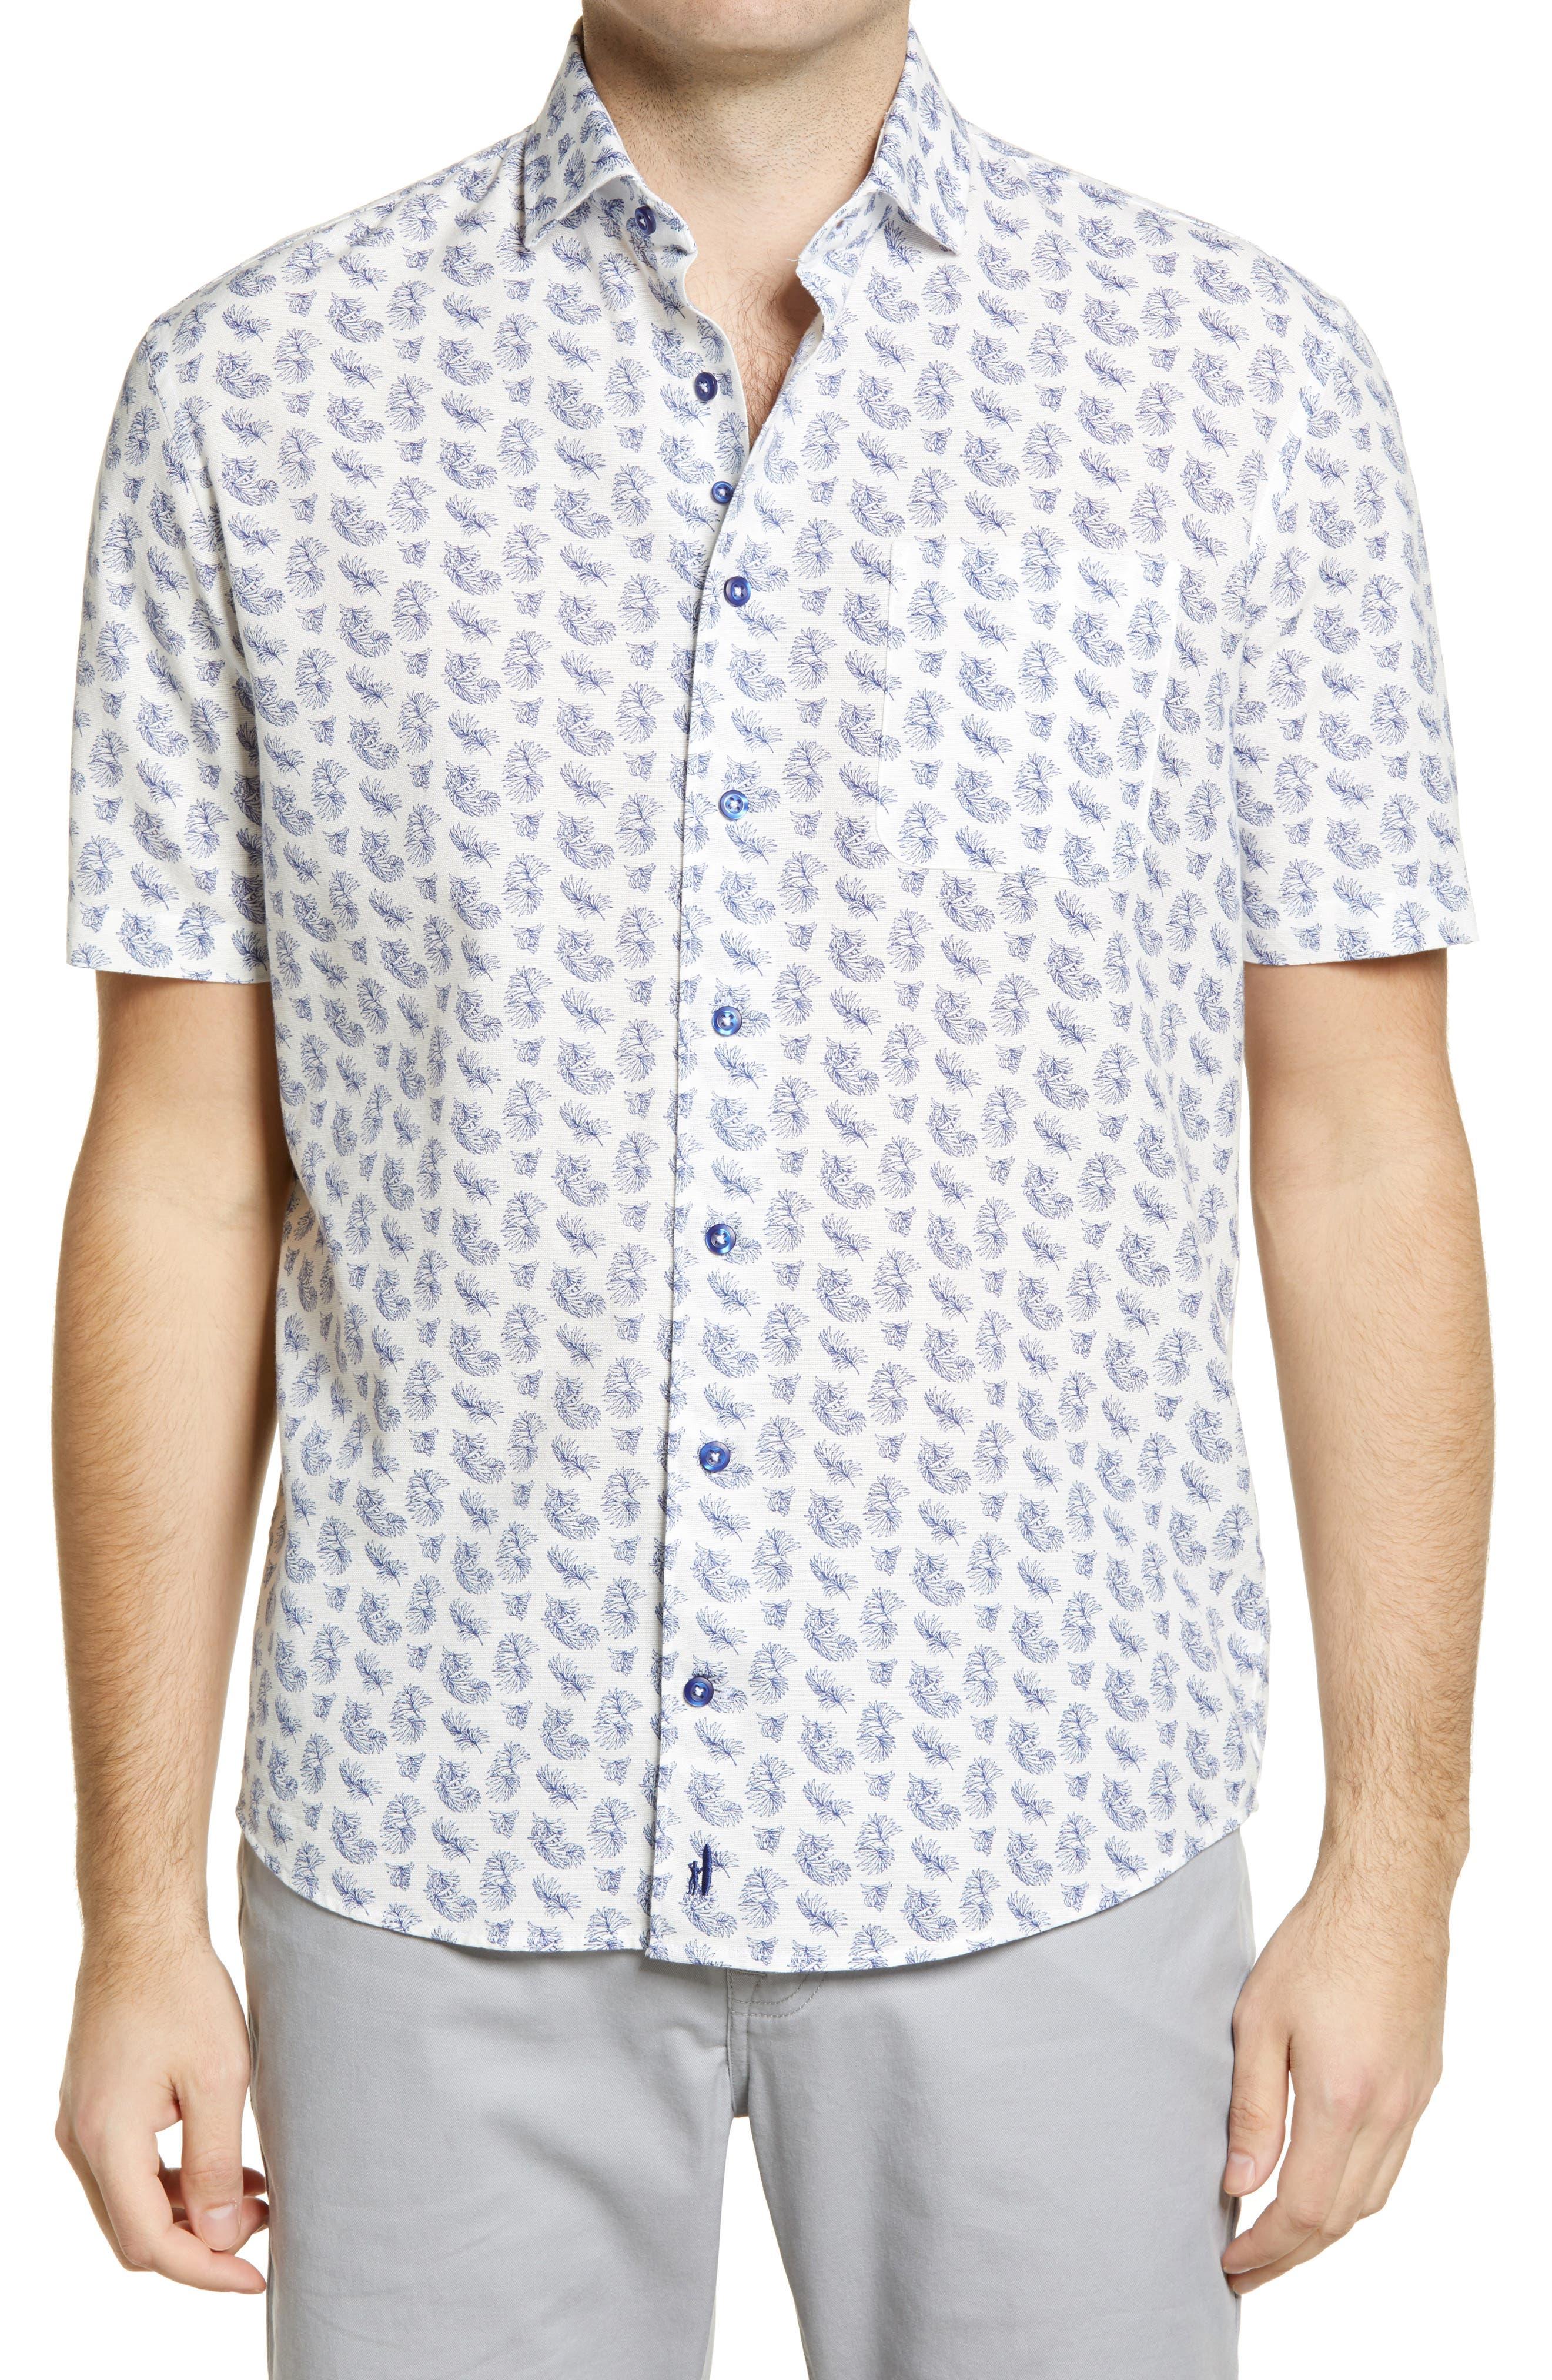 Maud Print Short Sleeve Button-Up Shirt